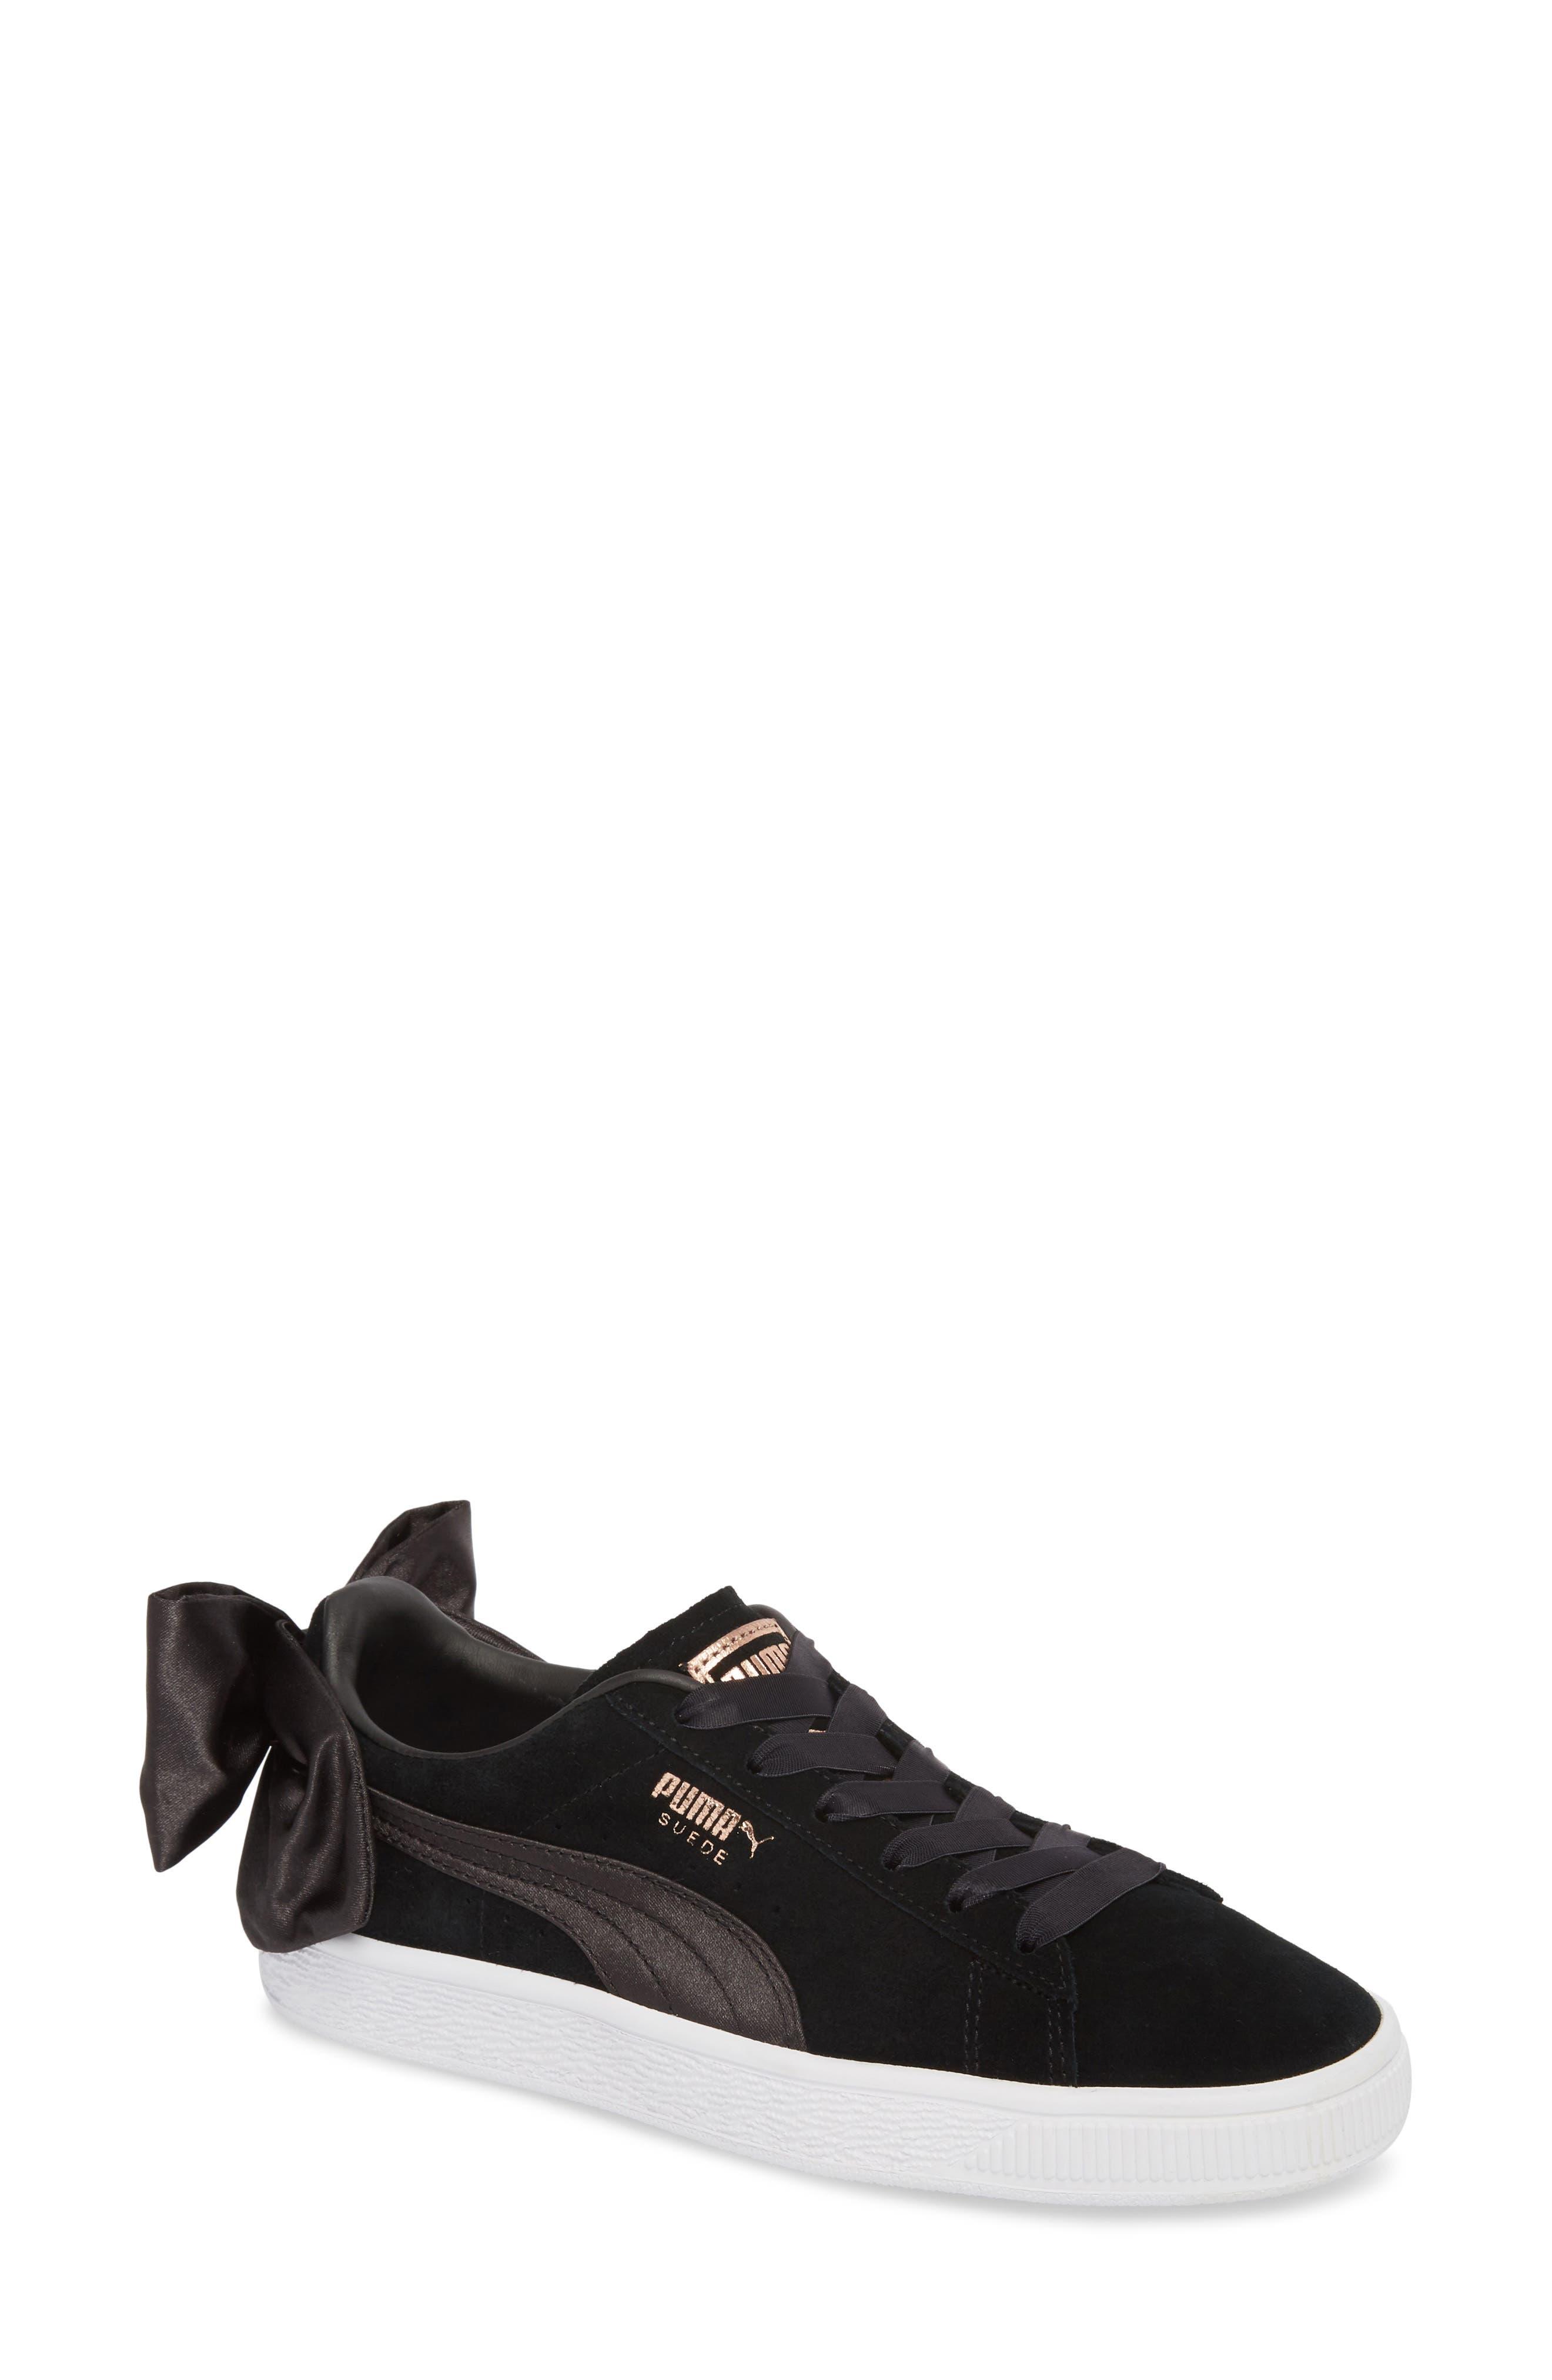 Bow Sneaker,                             Main thumbnail 1, color,                             Black/ Black